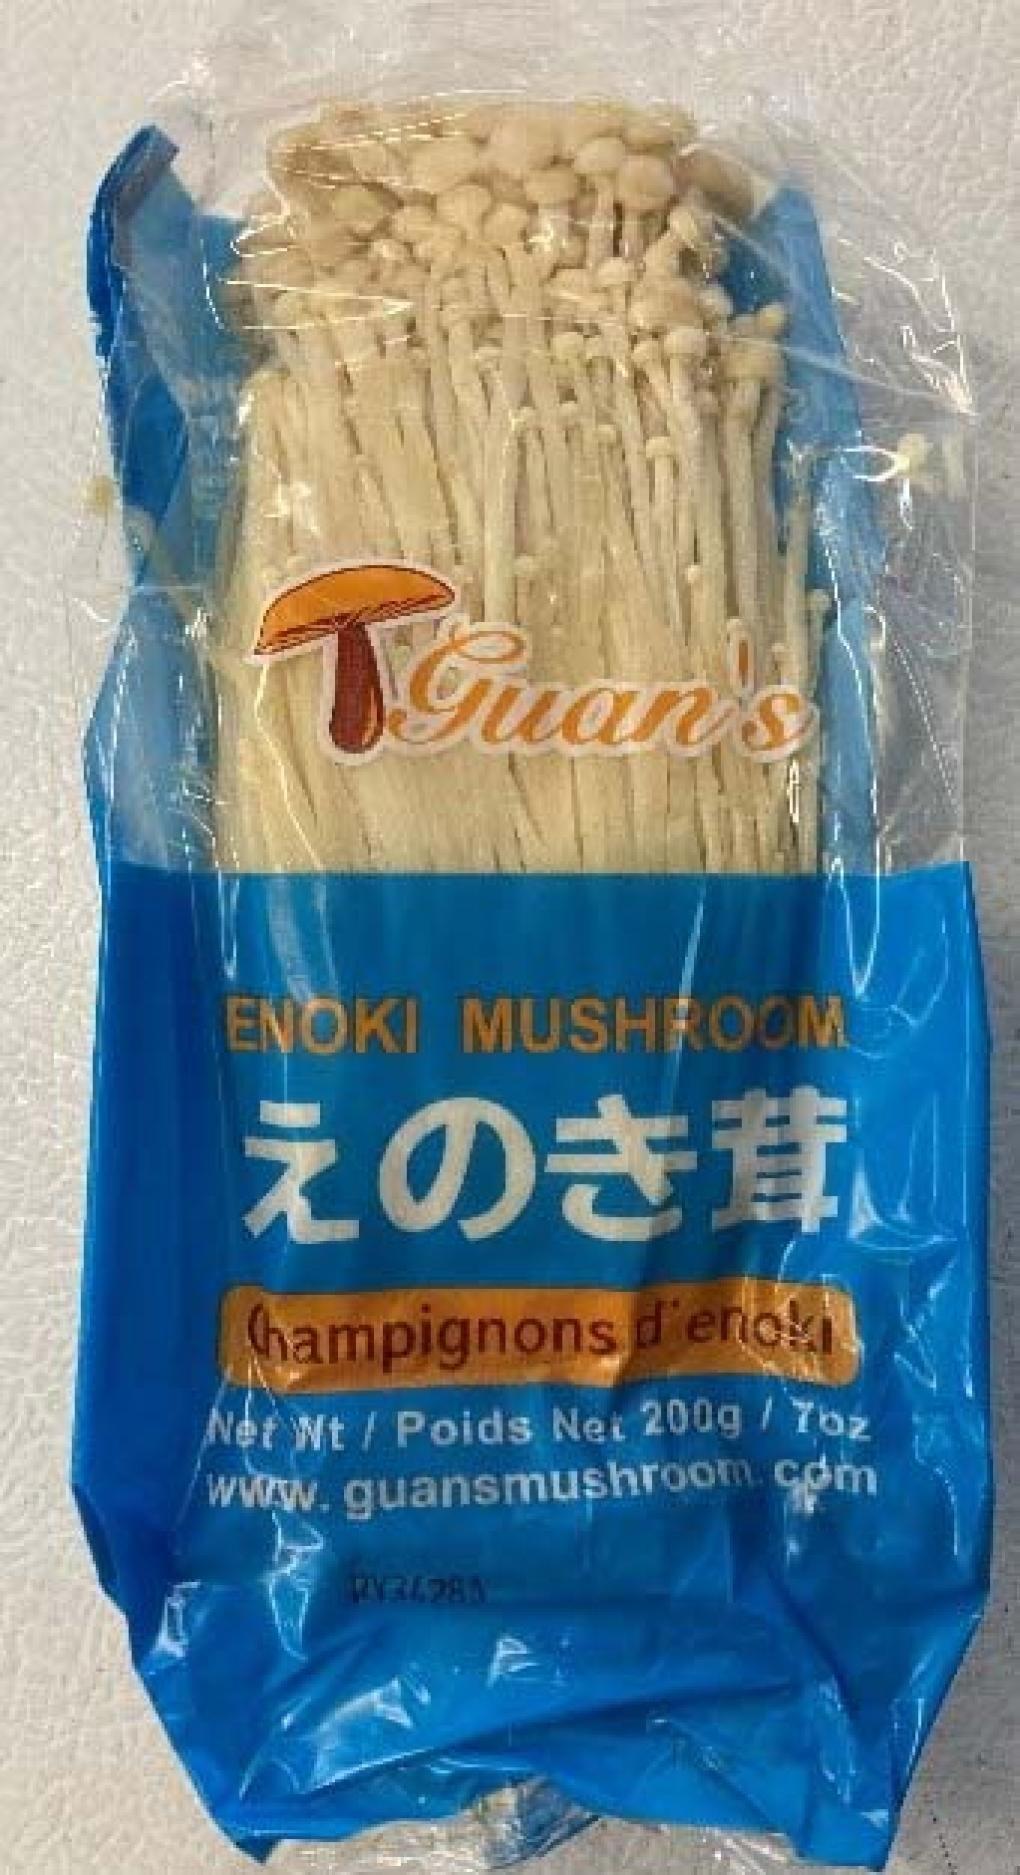 Recall Enoki mushroom